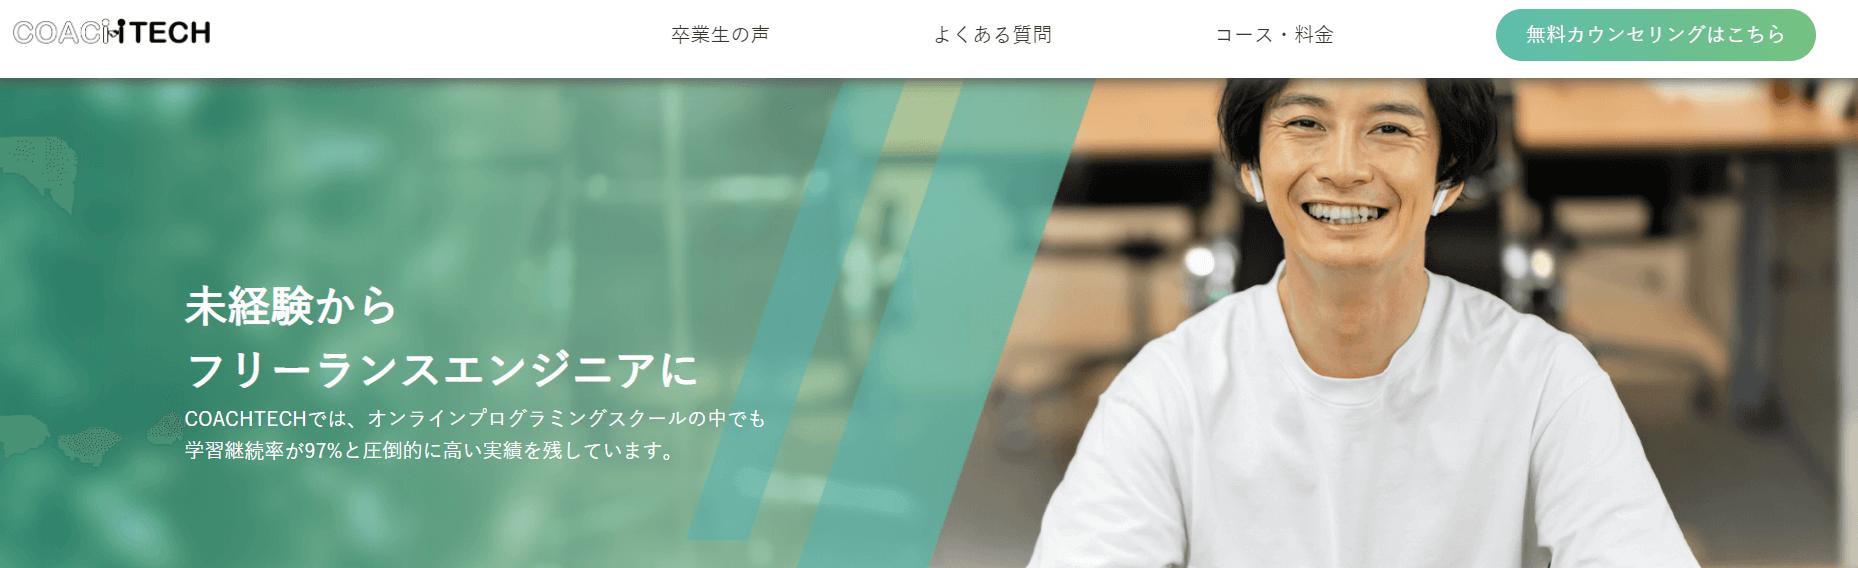 オンラインプログラミングスクール_比較_coach_tech_コーチテック